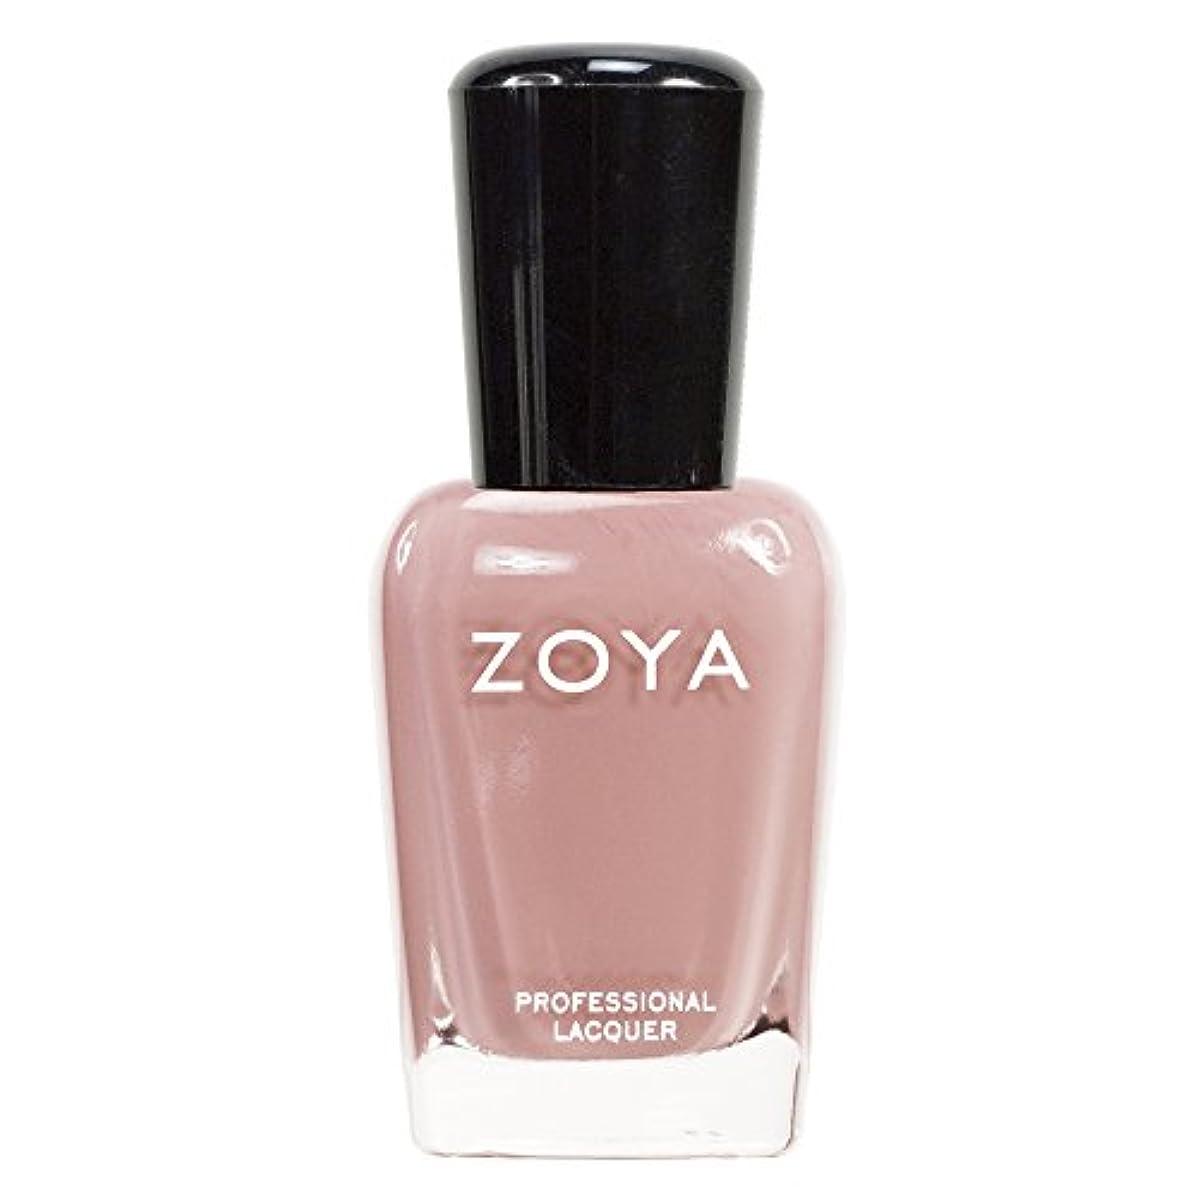 できない鎮静剤宙返りZOYA ゾーヤ ネイルカラーZP380 AMANDA アマンダ  15ml 上品なスモーキーなピンク マット 爪にやさしいネイルラッカーマニキュア